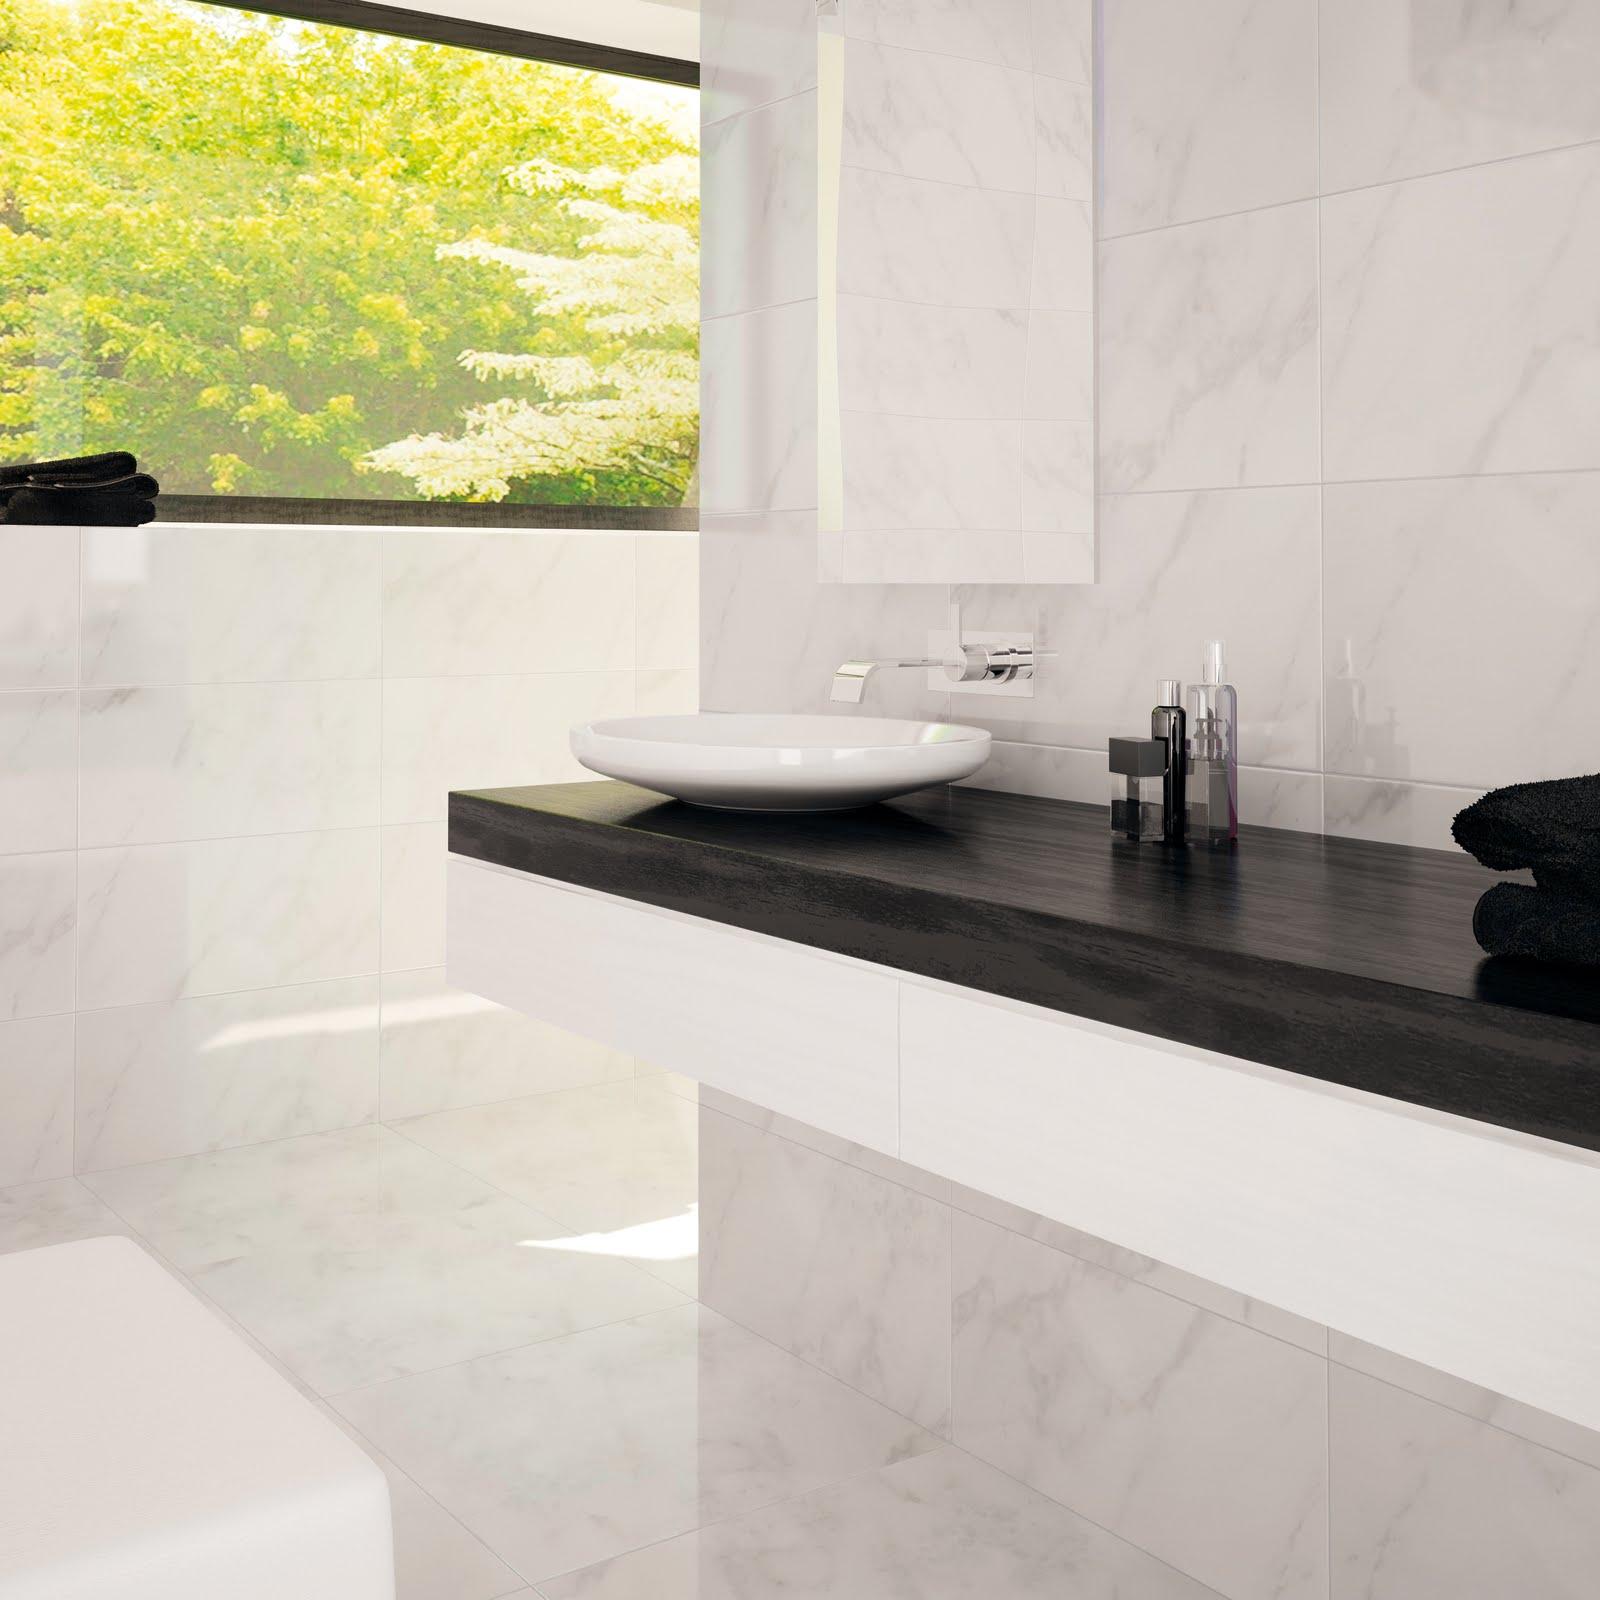 Eskema un ba o con calacatta for Con que se limpia el marmol